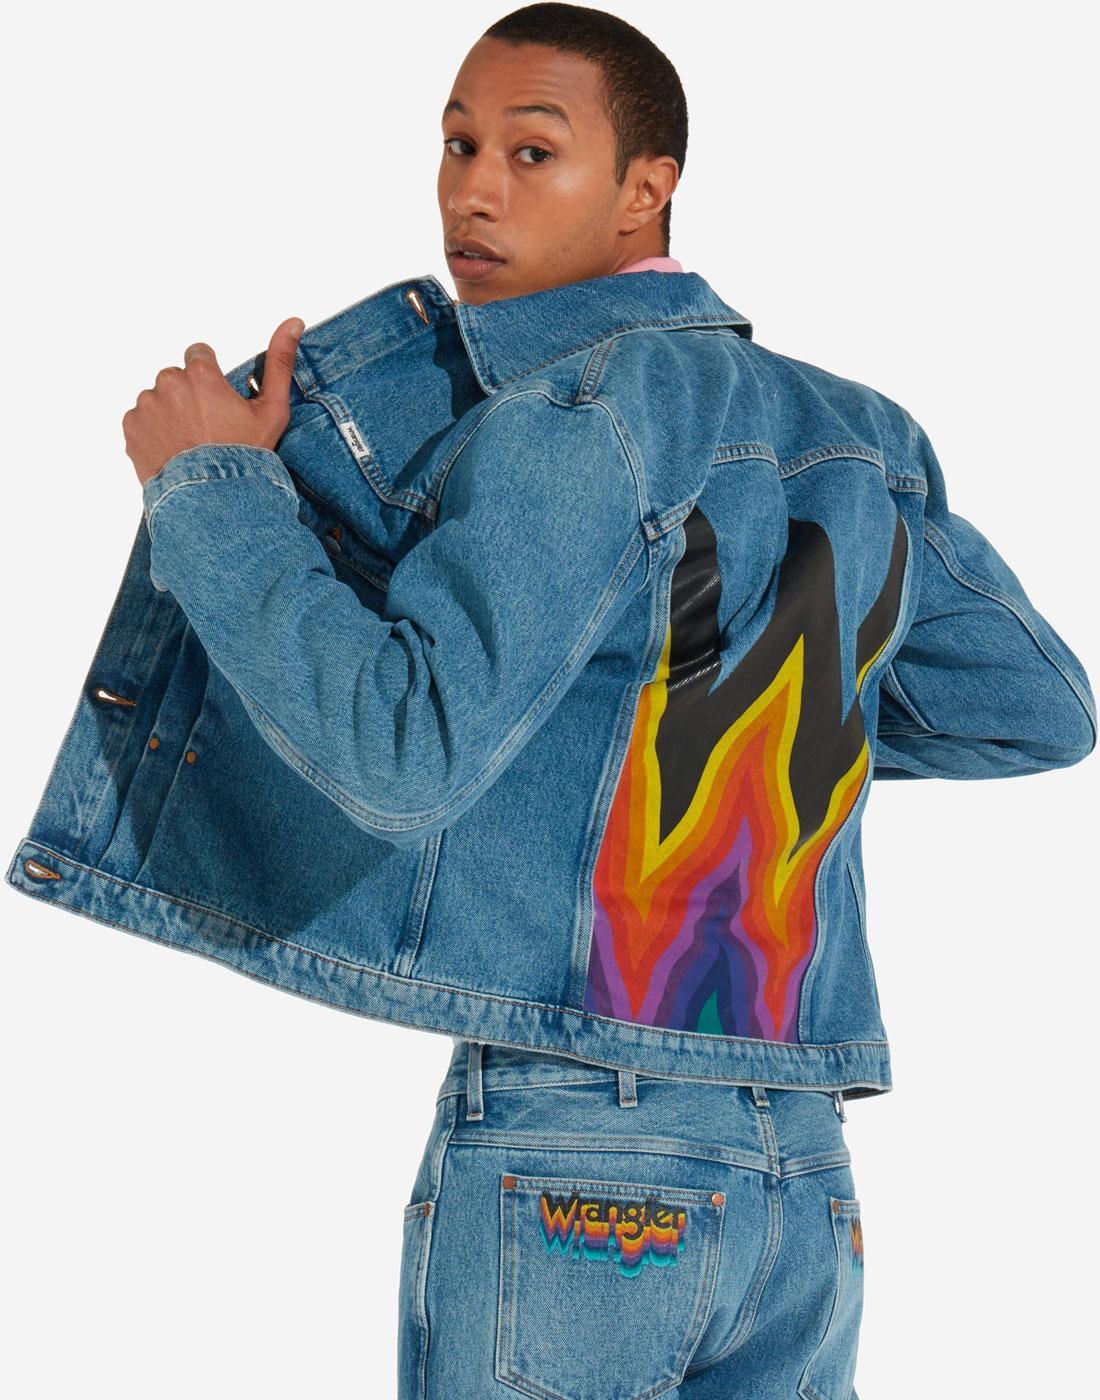 WRANGLER 80s Archive Back Print Denim Retro Jacket